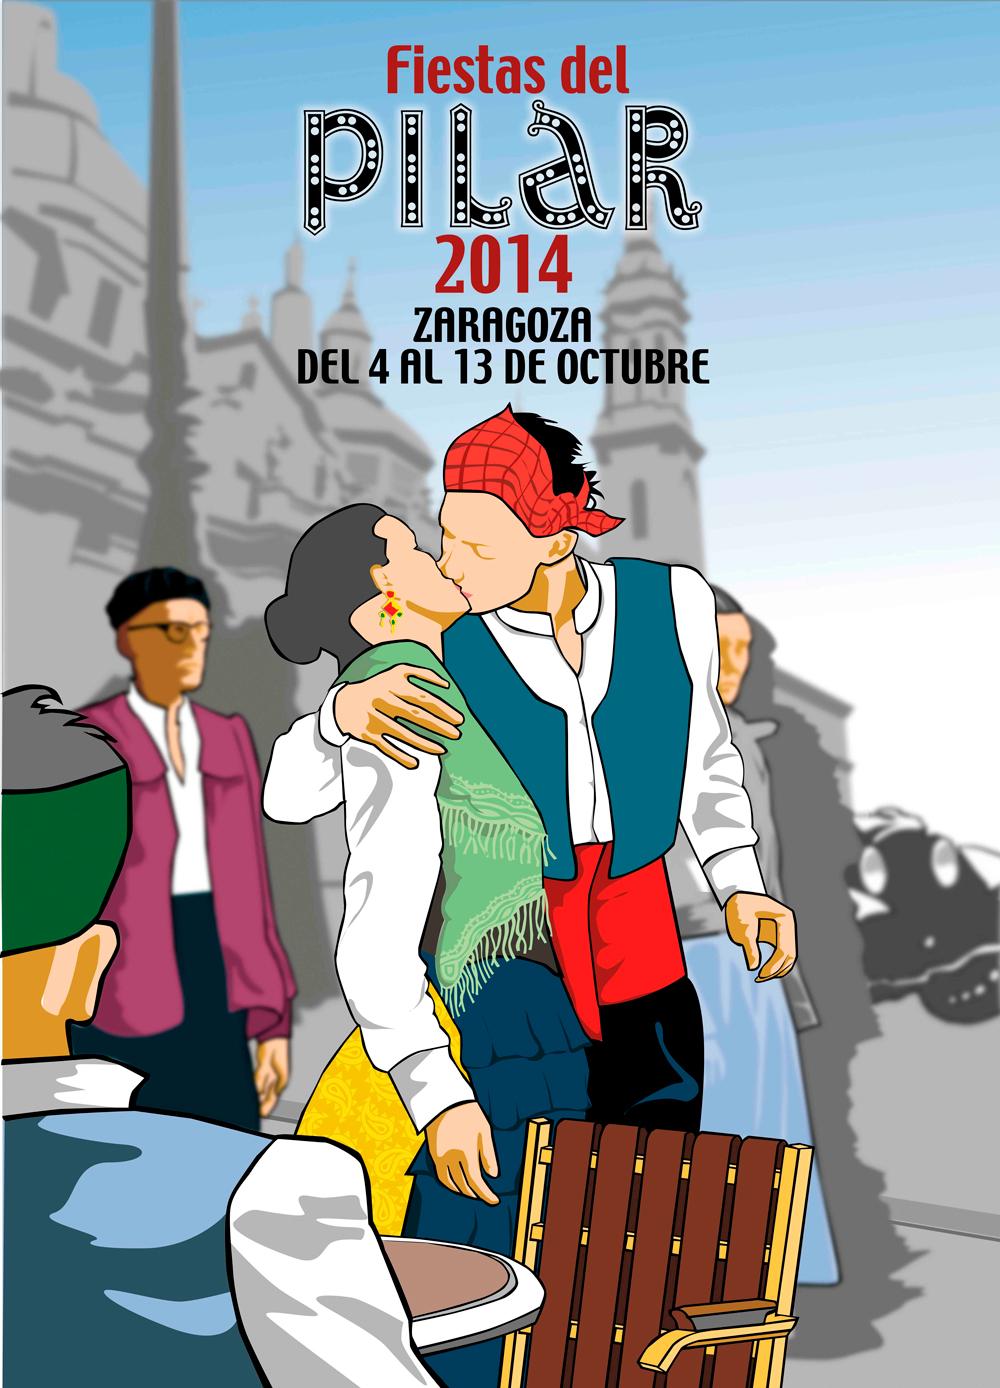 El cartel, 'El besico' uno de los favoritos de las Fiestas del Pilar